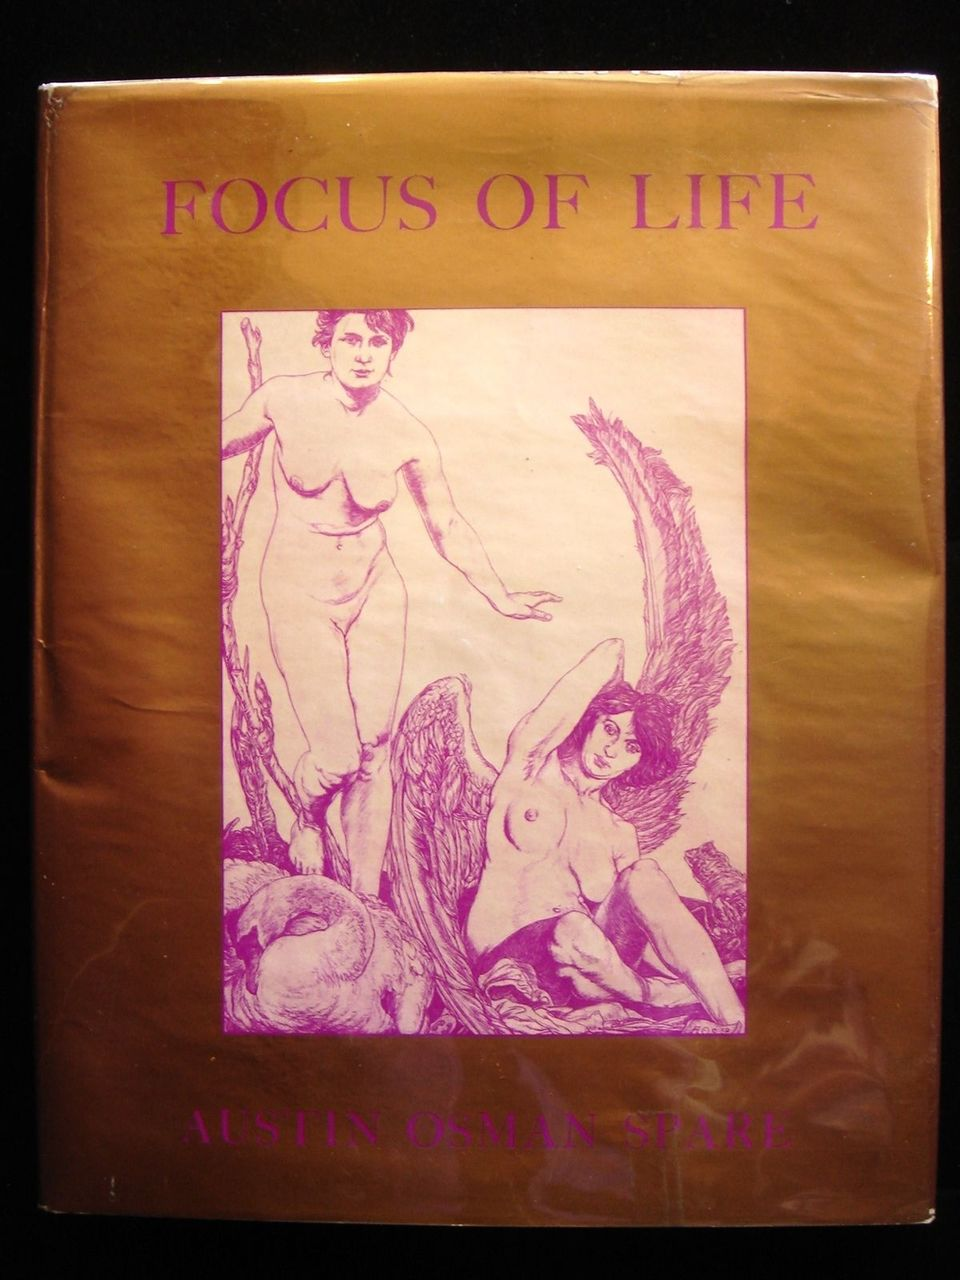 FOCUS ON LIFE, by Austin Osman Spare - 1975 [Ltd Ed]